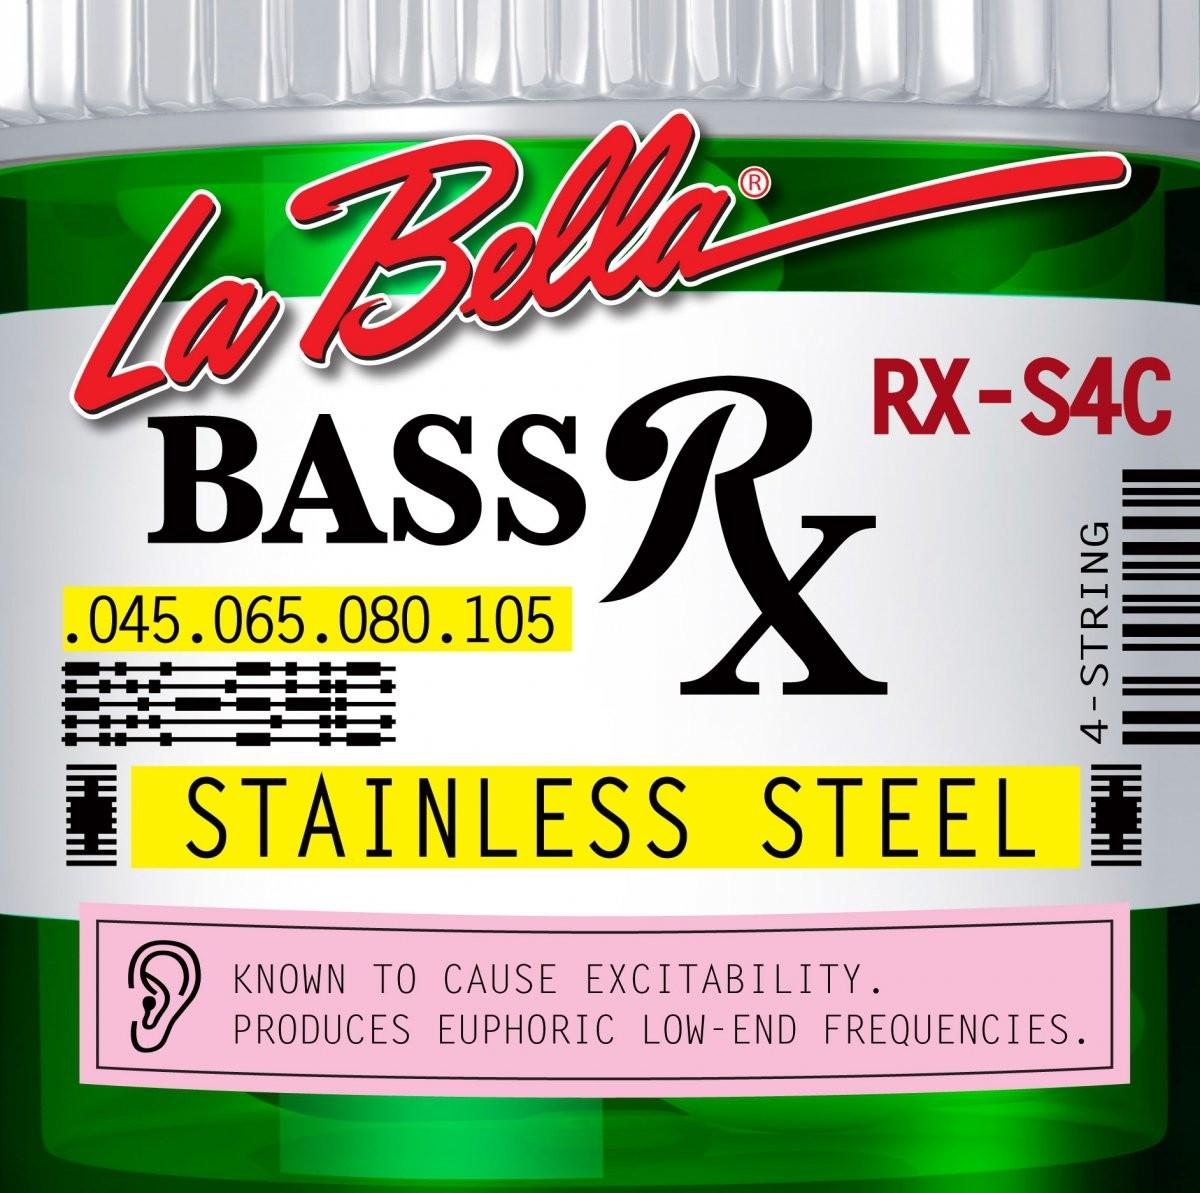 LaBella RX-S4C 45-105 stalowe struny do basu 4 strunowego